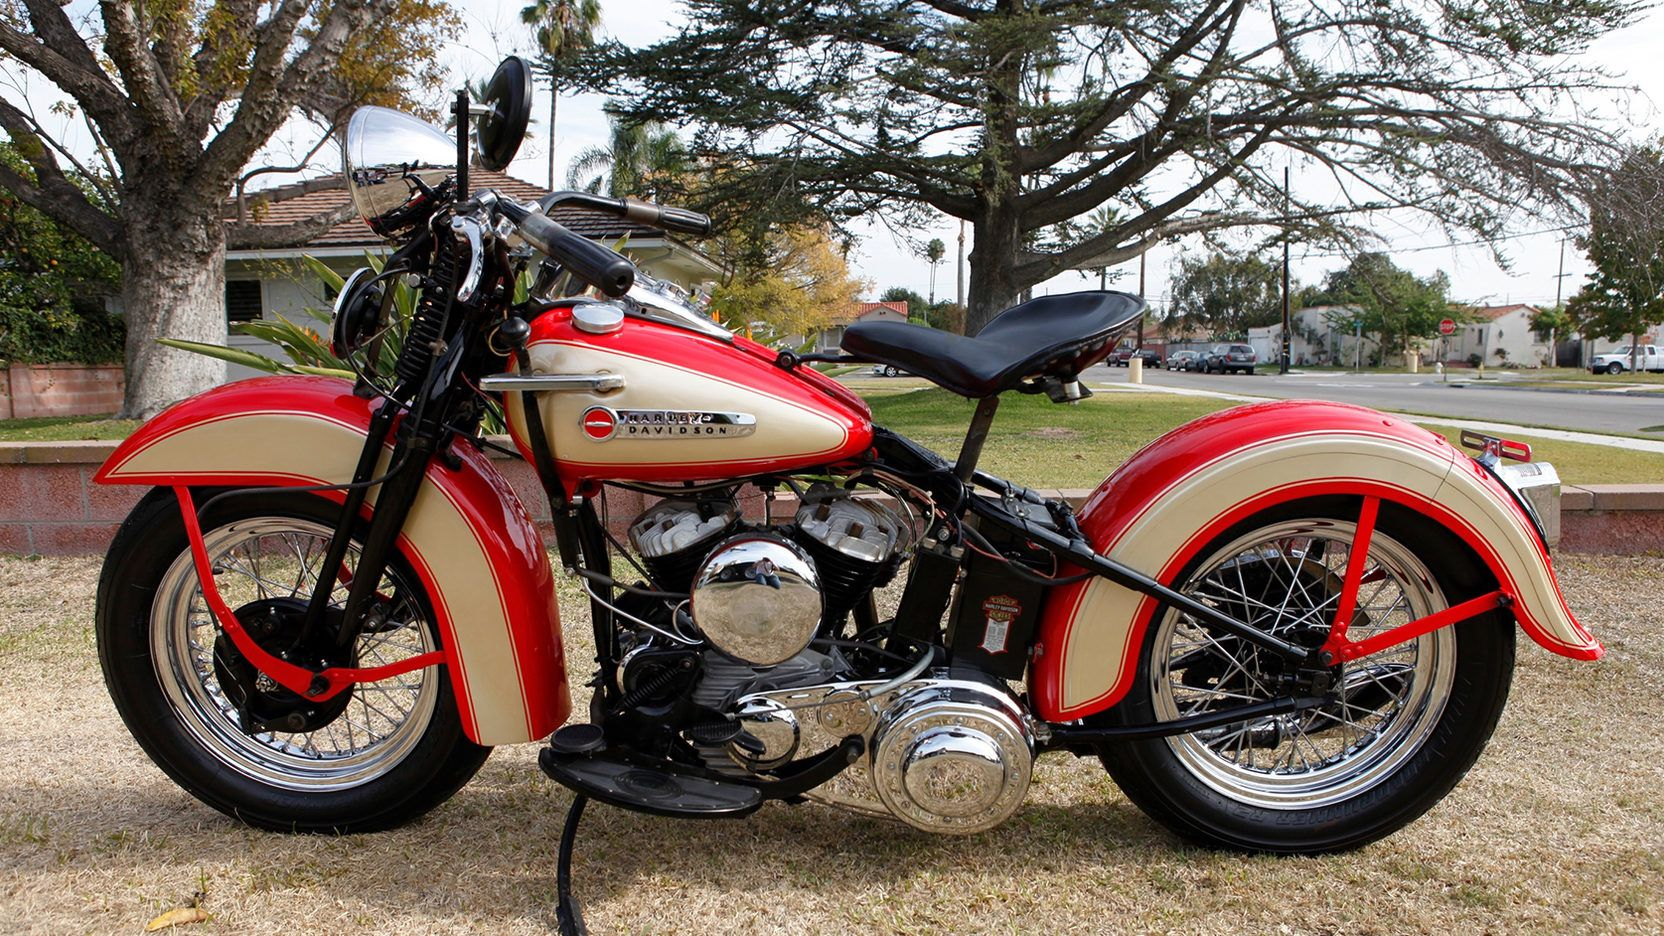 1948 Harley Davidson Wl Model 2 Print Image Harley Davidson Harley Shovelhead Harley